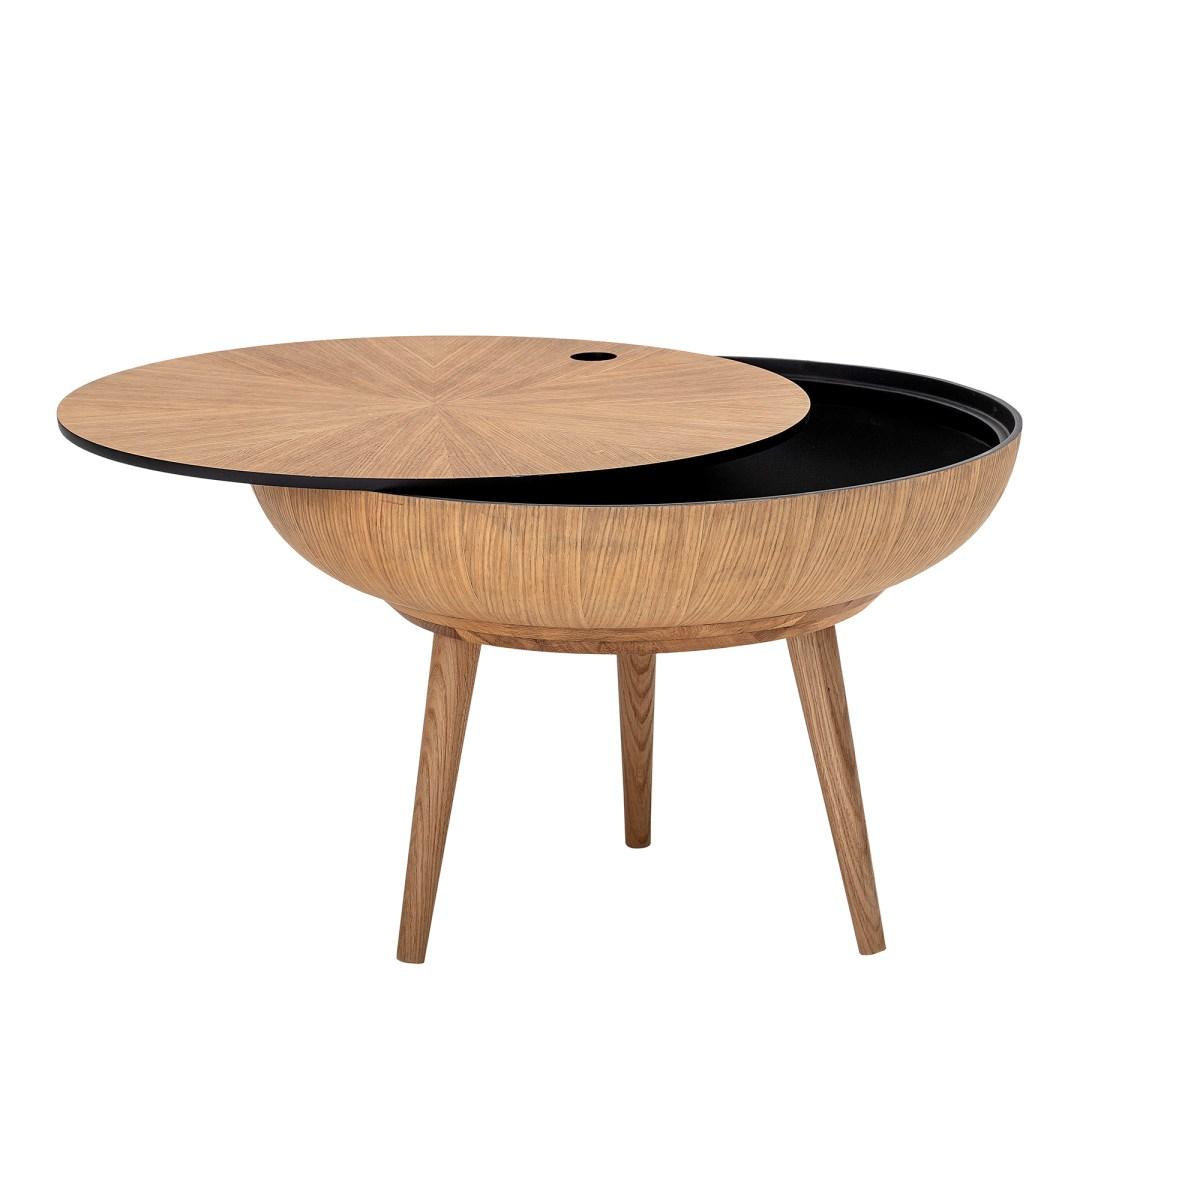 Konferenční stolek s úlož. prostorem Ronda dubový_0